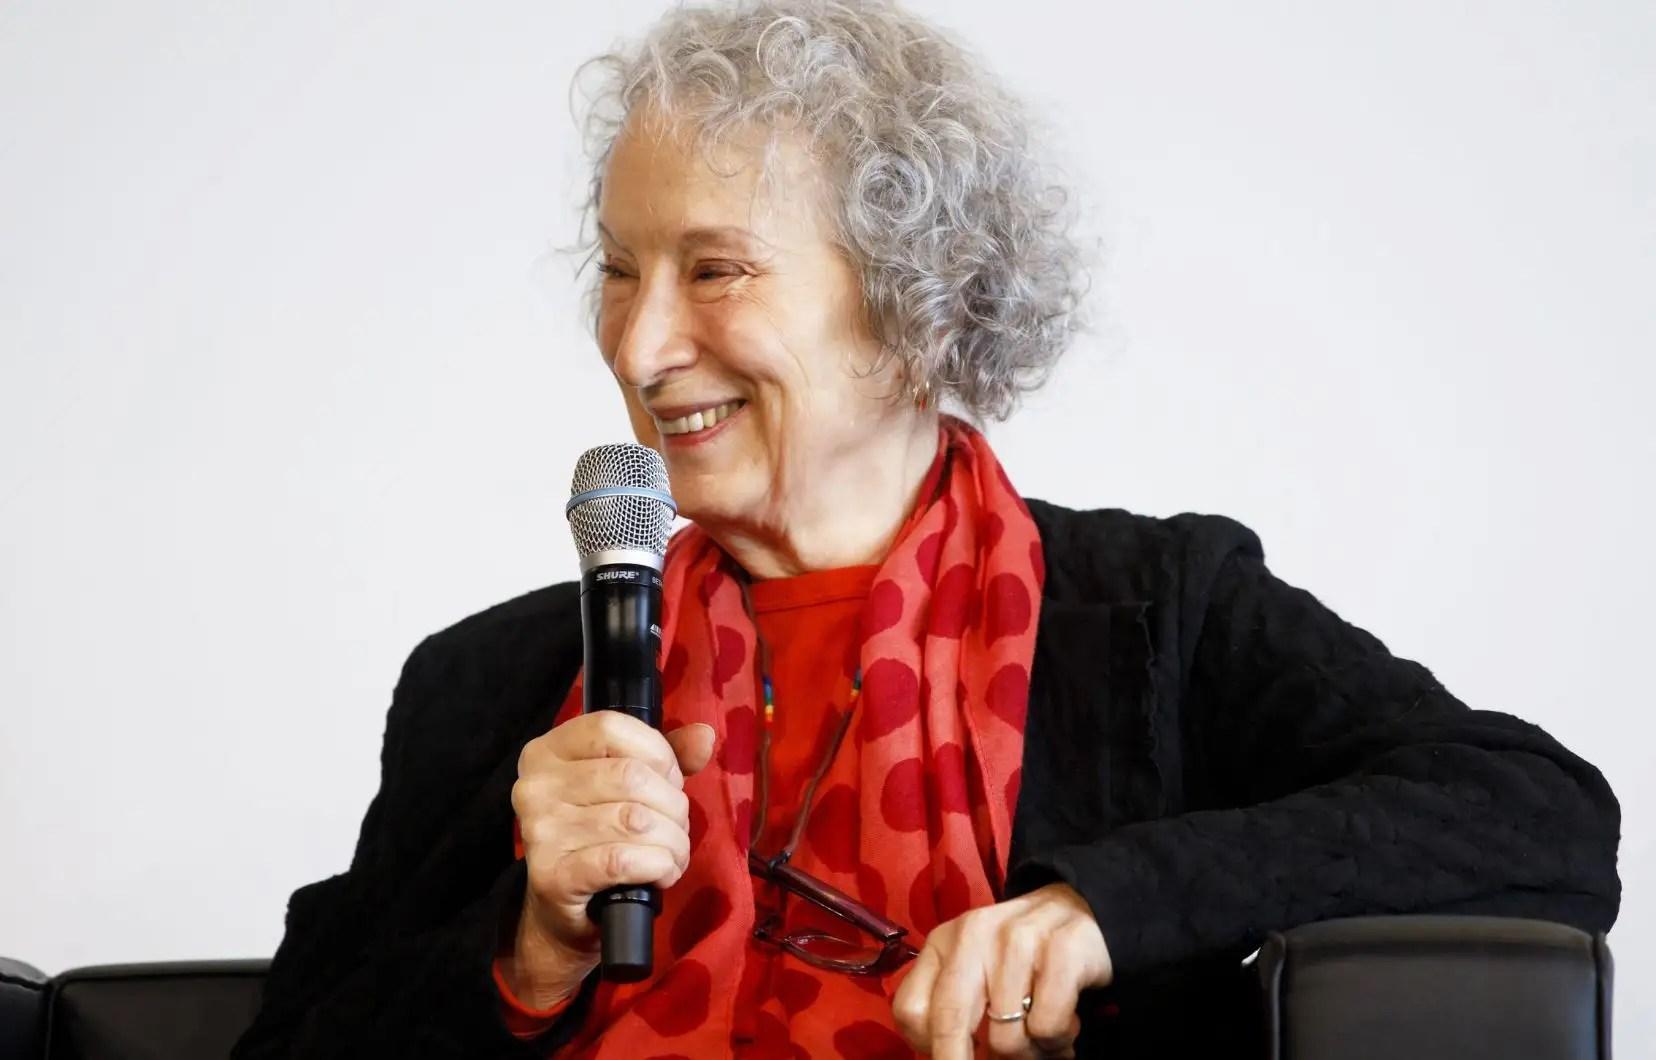 Dans son dernier recueil, Margaret Atwood propose une relecture de l'histoire de Circé, déesse marginale de la mythologique grecque. Entretien avec la star de la littérature.